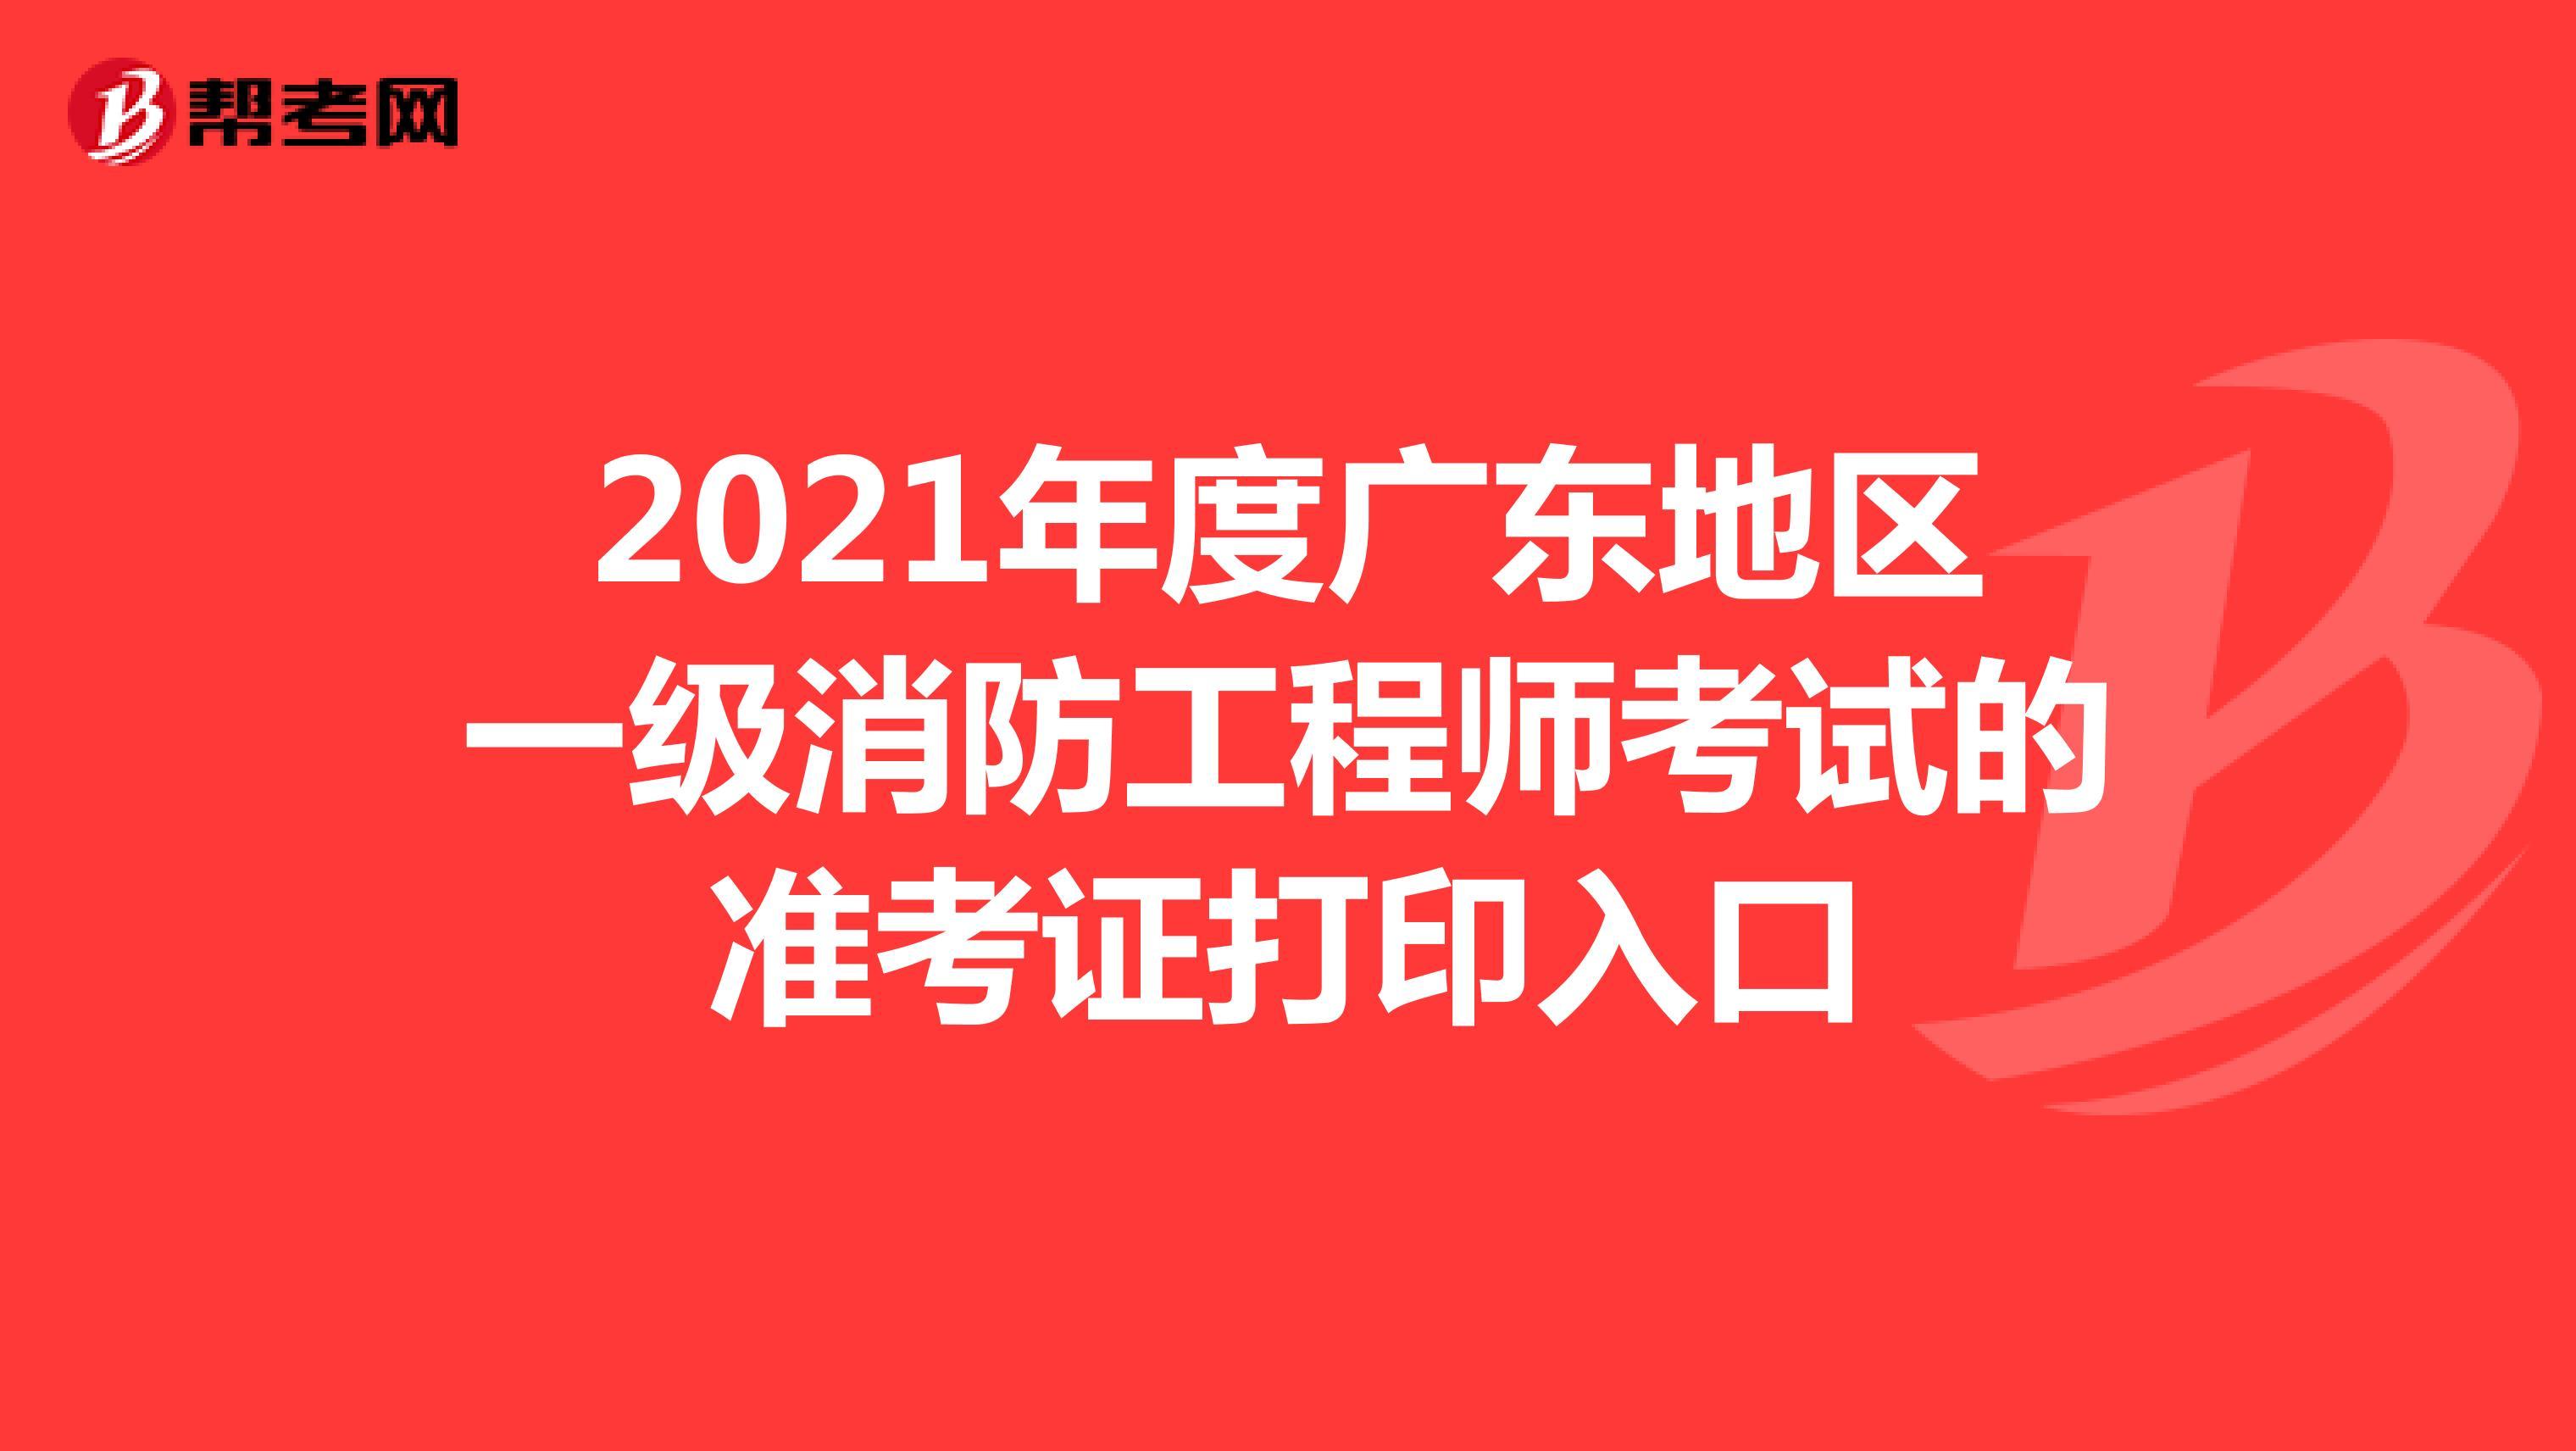 2021年度广东地区一级消防工程师考试的准考证打印入口